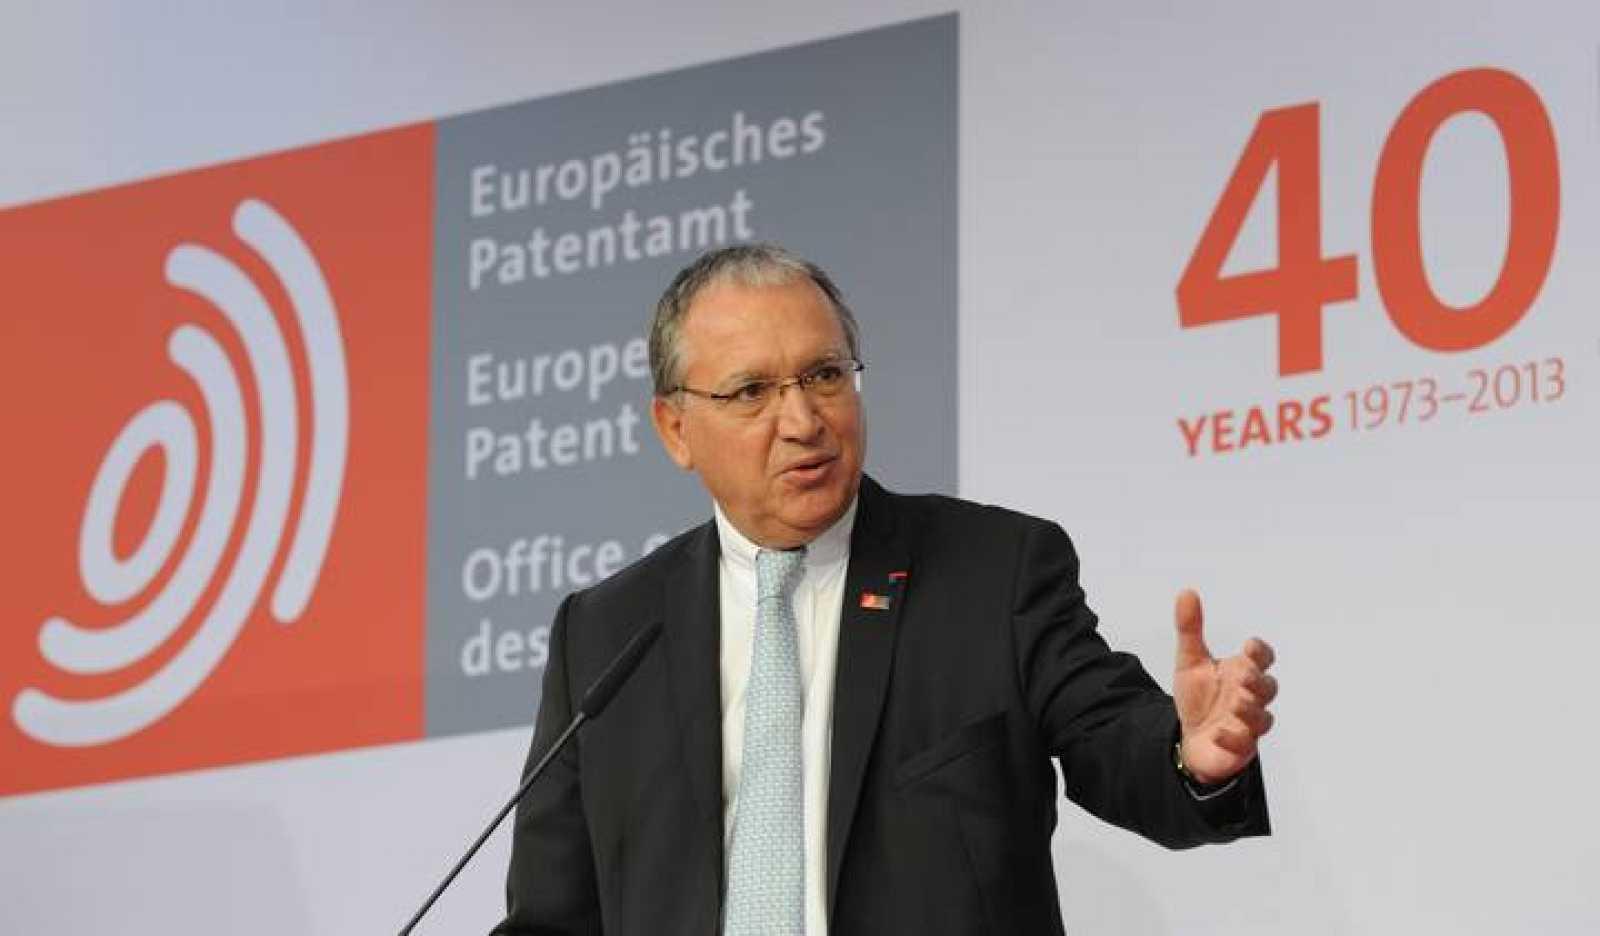 El presidente de la Oficina Europea de Patentes, Benoit Battistelli, en el 40 aniversario de la institución.